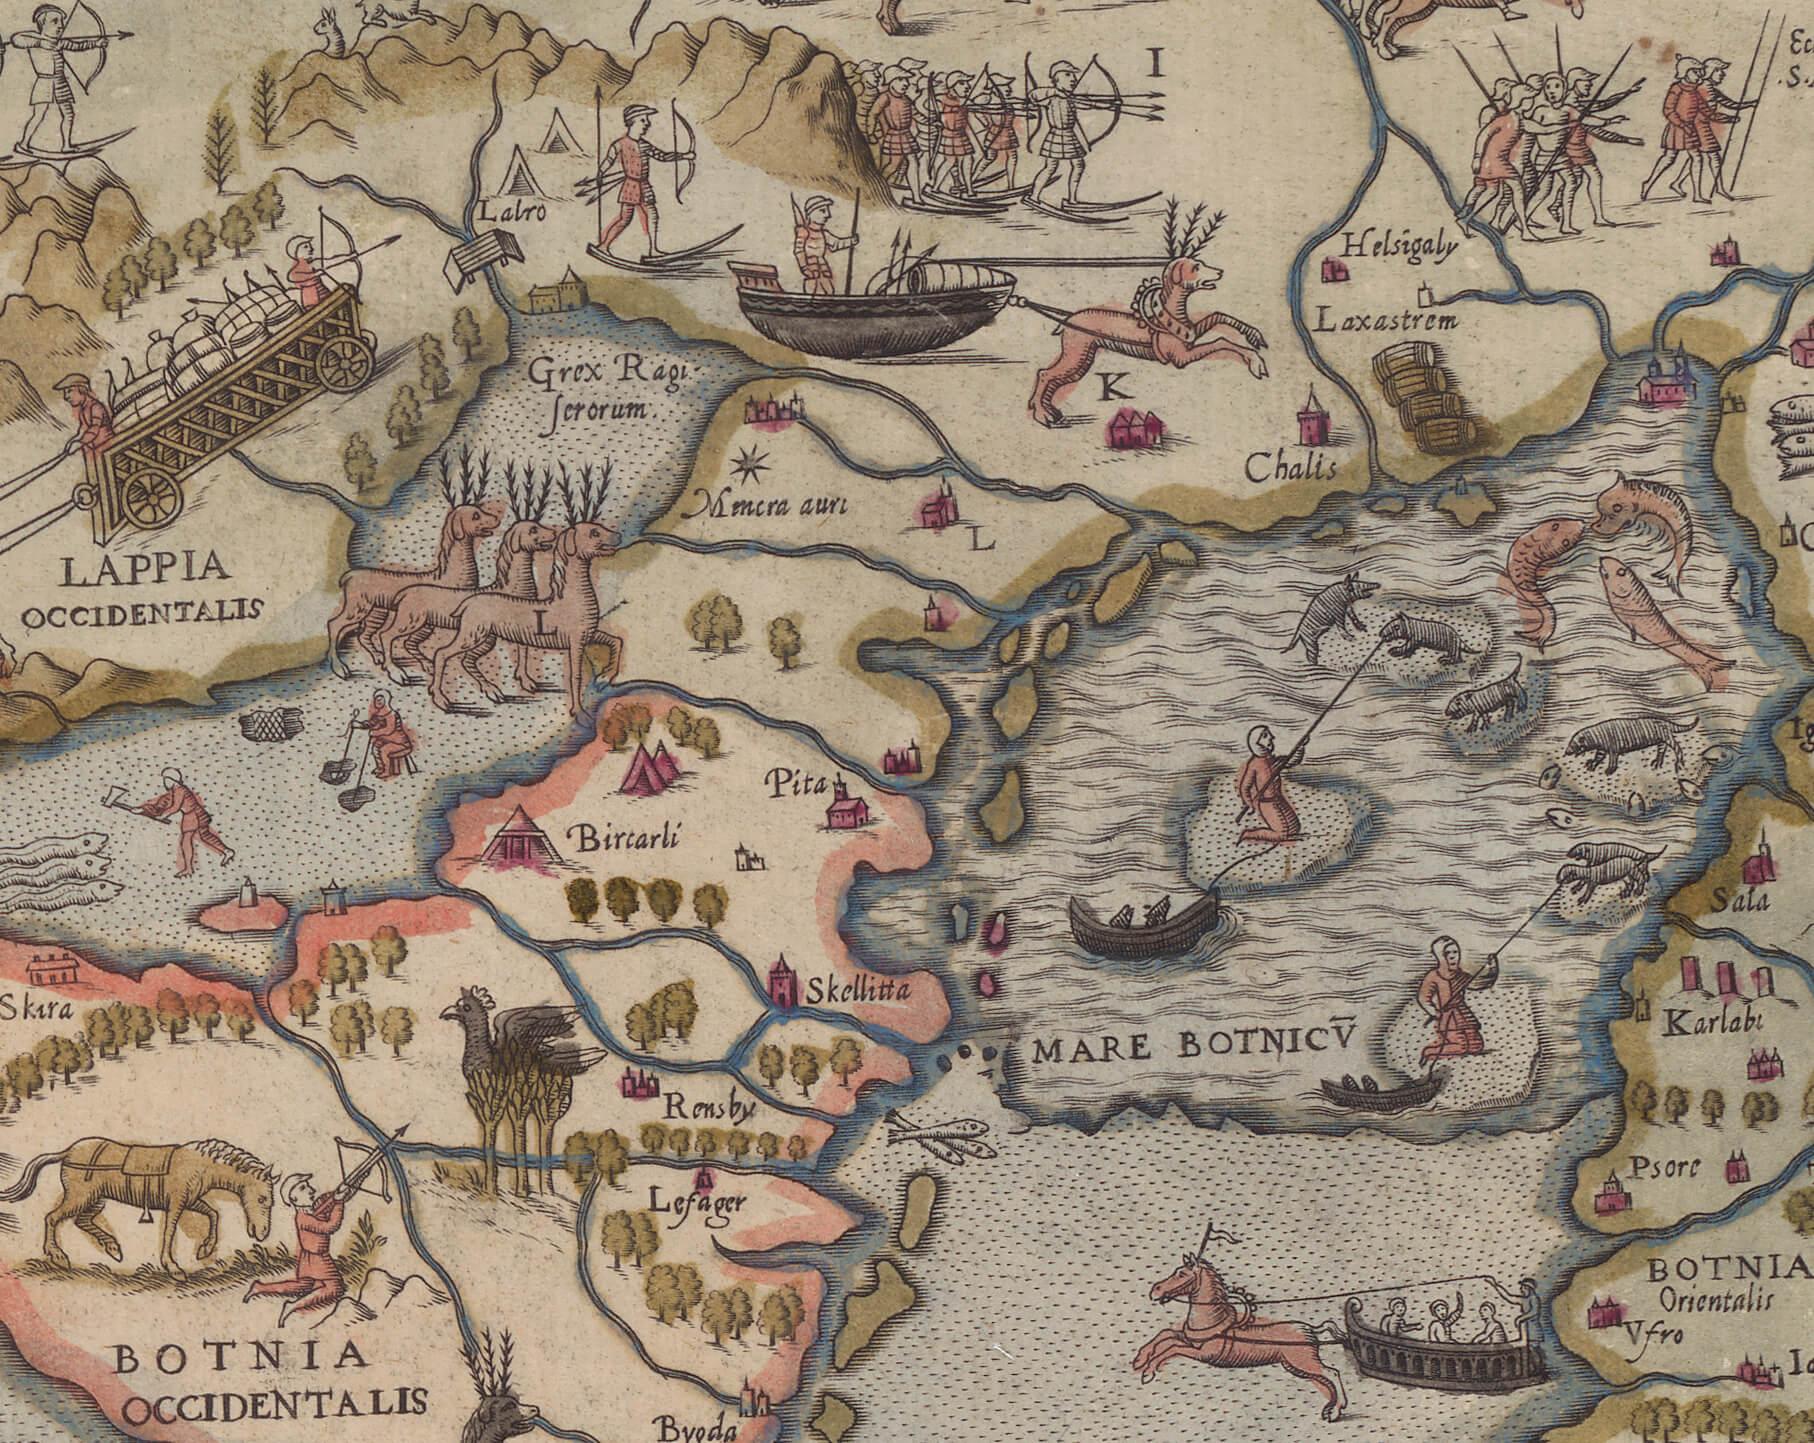 Detalj från Olaus Magnus Carta Marina, 1539